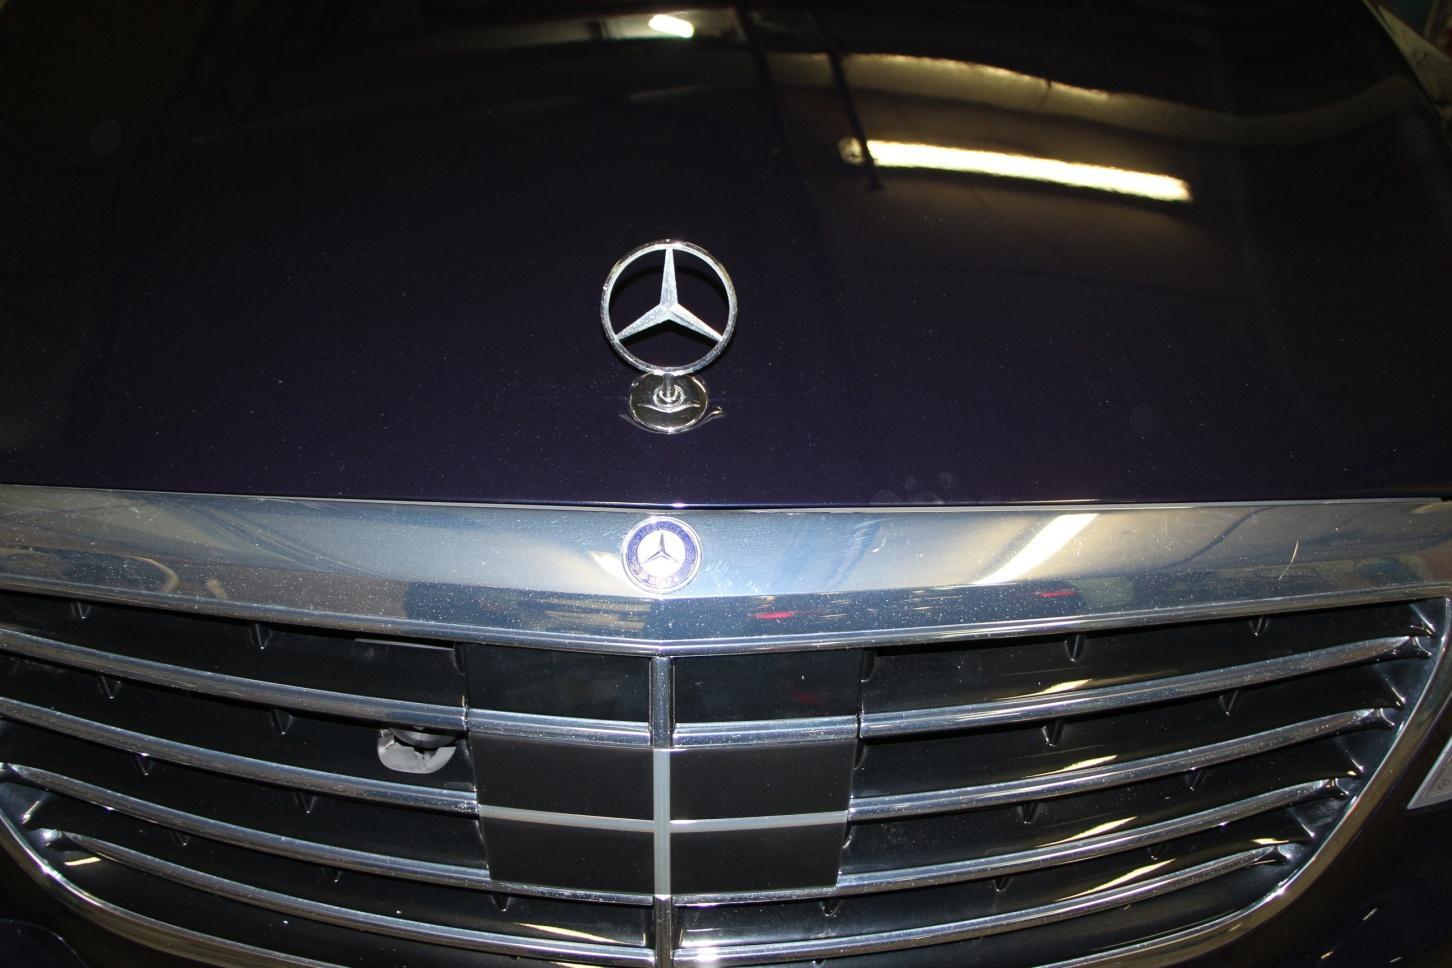 Ремонт Mercedes Benz S-Класс кузов W222 цвет - перламутр с ксераликом